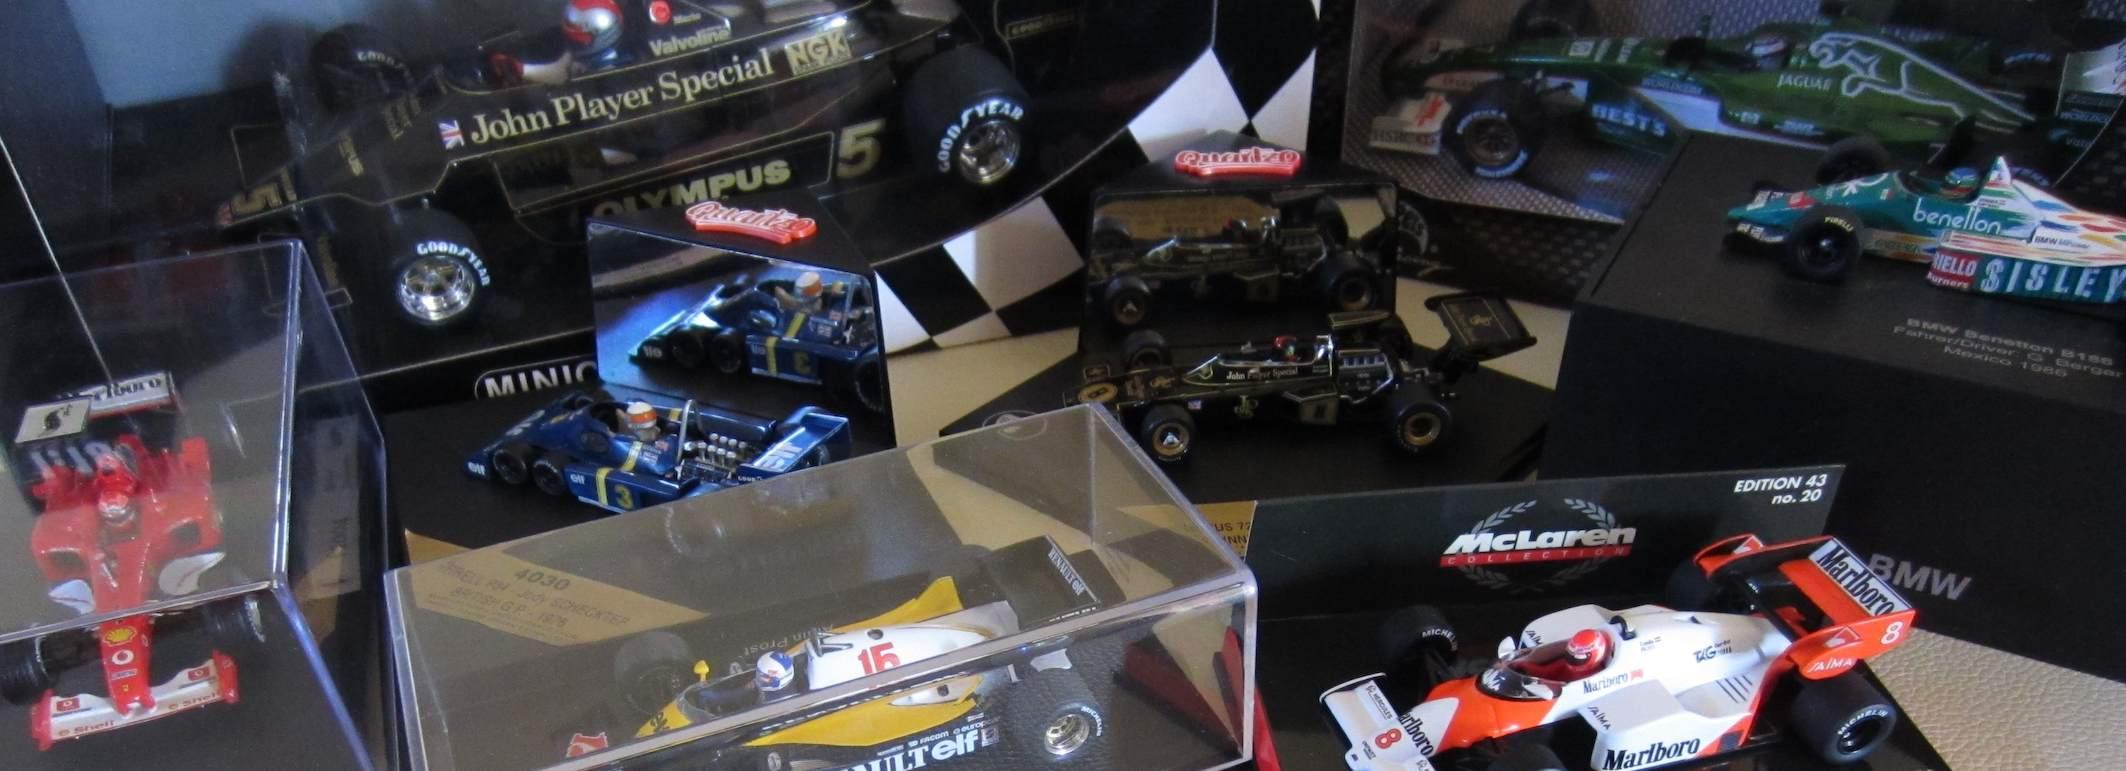 Guide to F1 model cars | F1-nut com